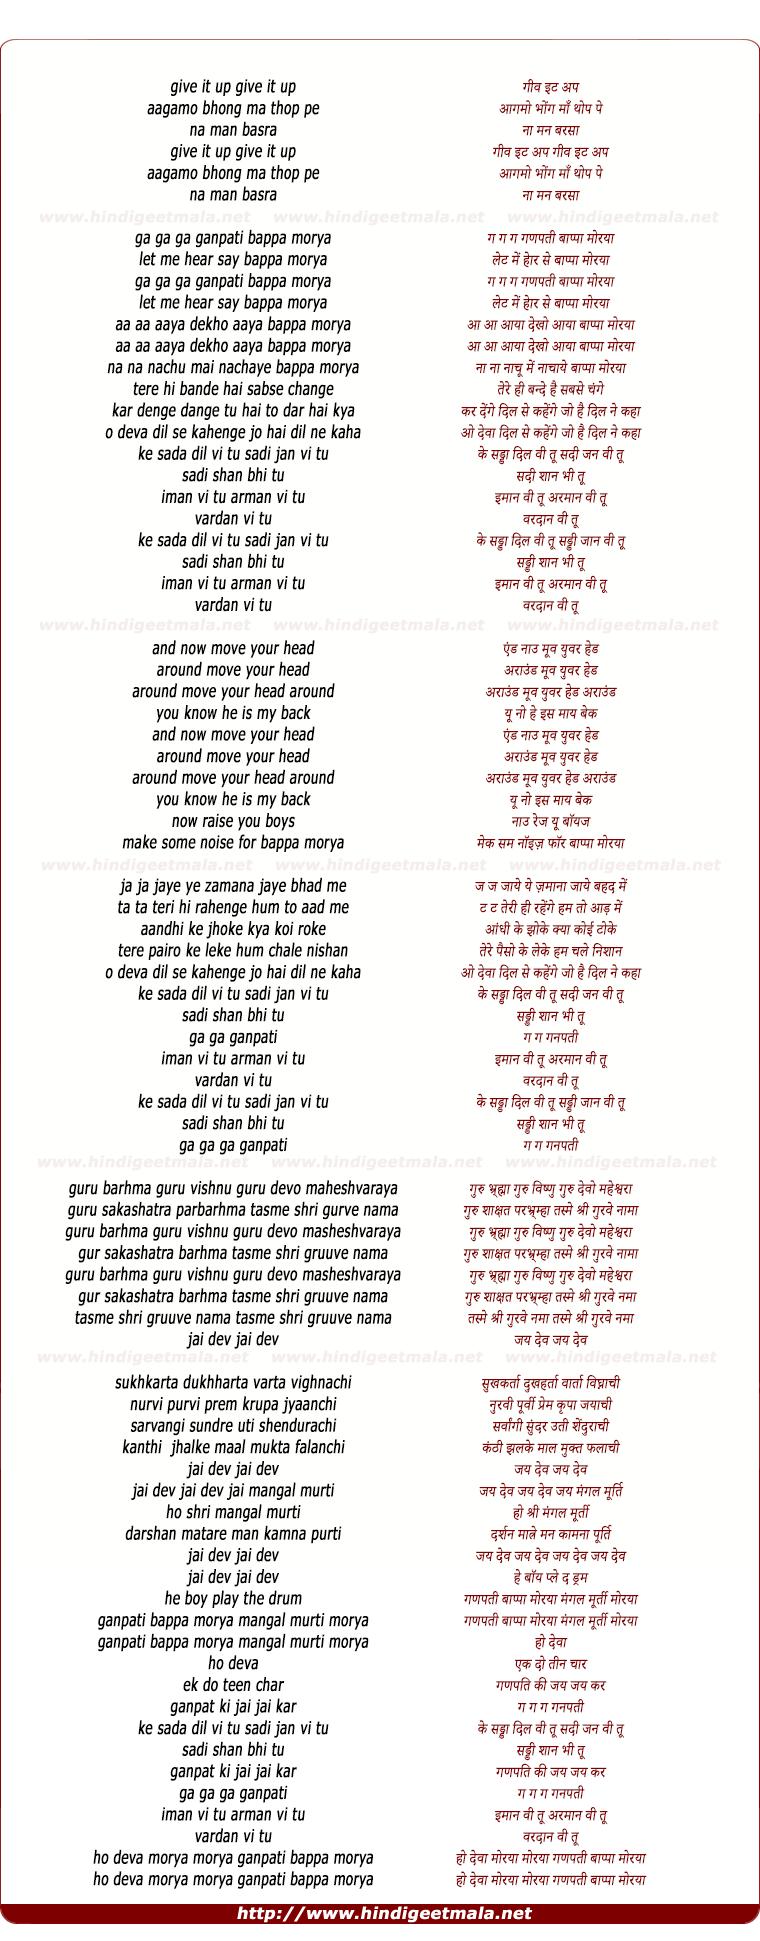 lyrics of song Sadda Dil VI Tu